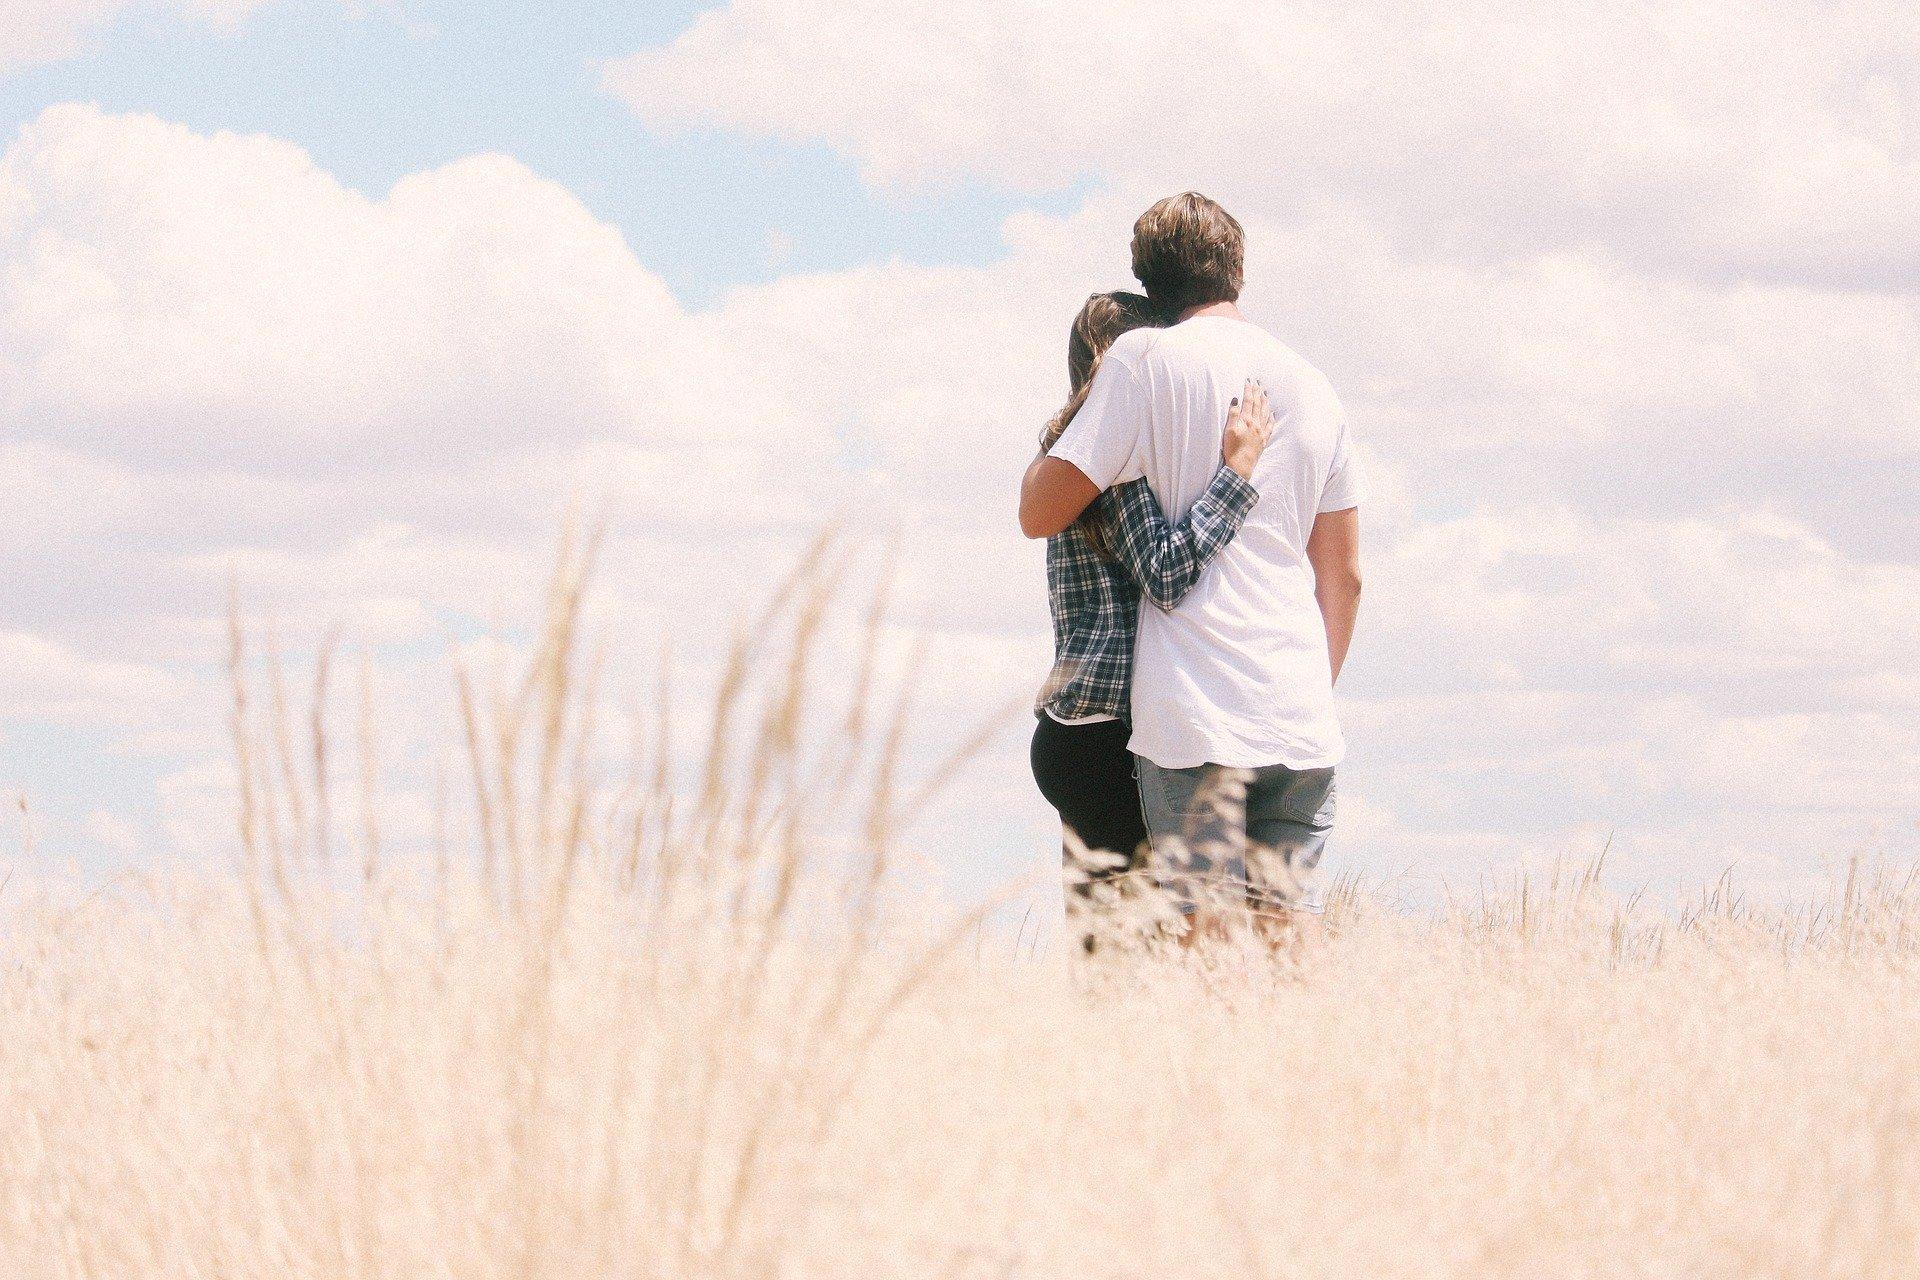 彼氏とうまくいかない!疲れた時に確認すべき3つのNG行動と仲良くなる秘訣はこれ!